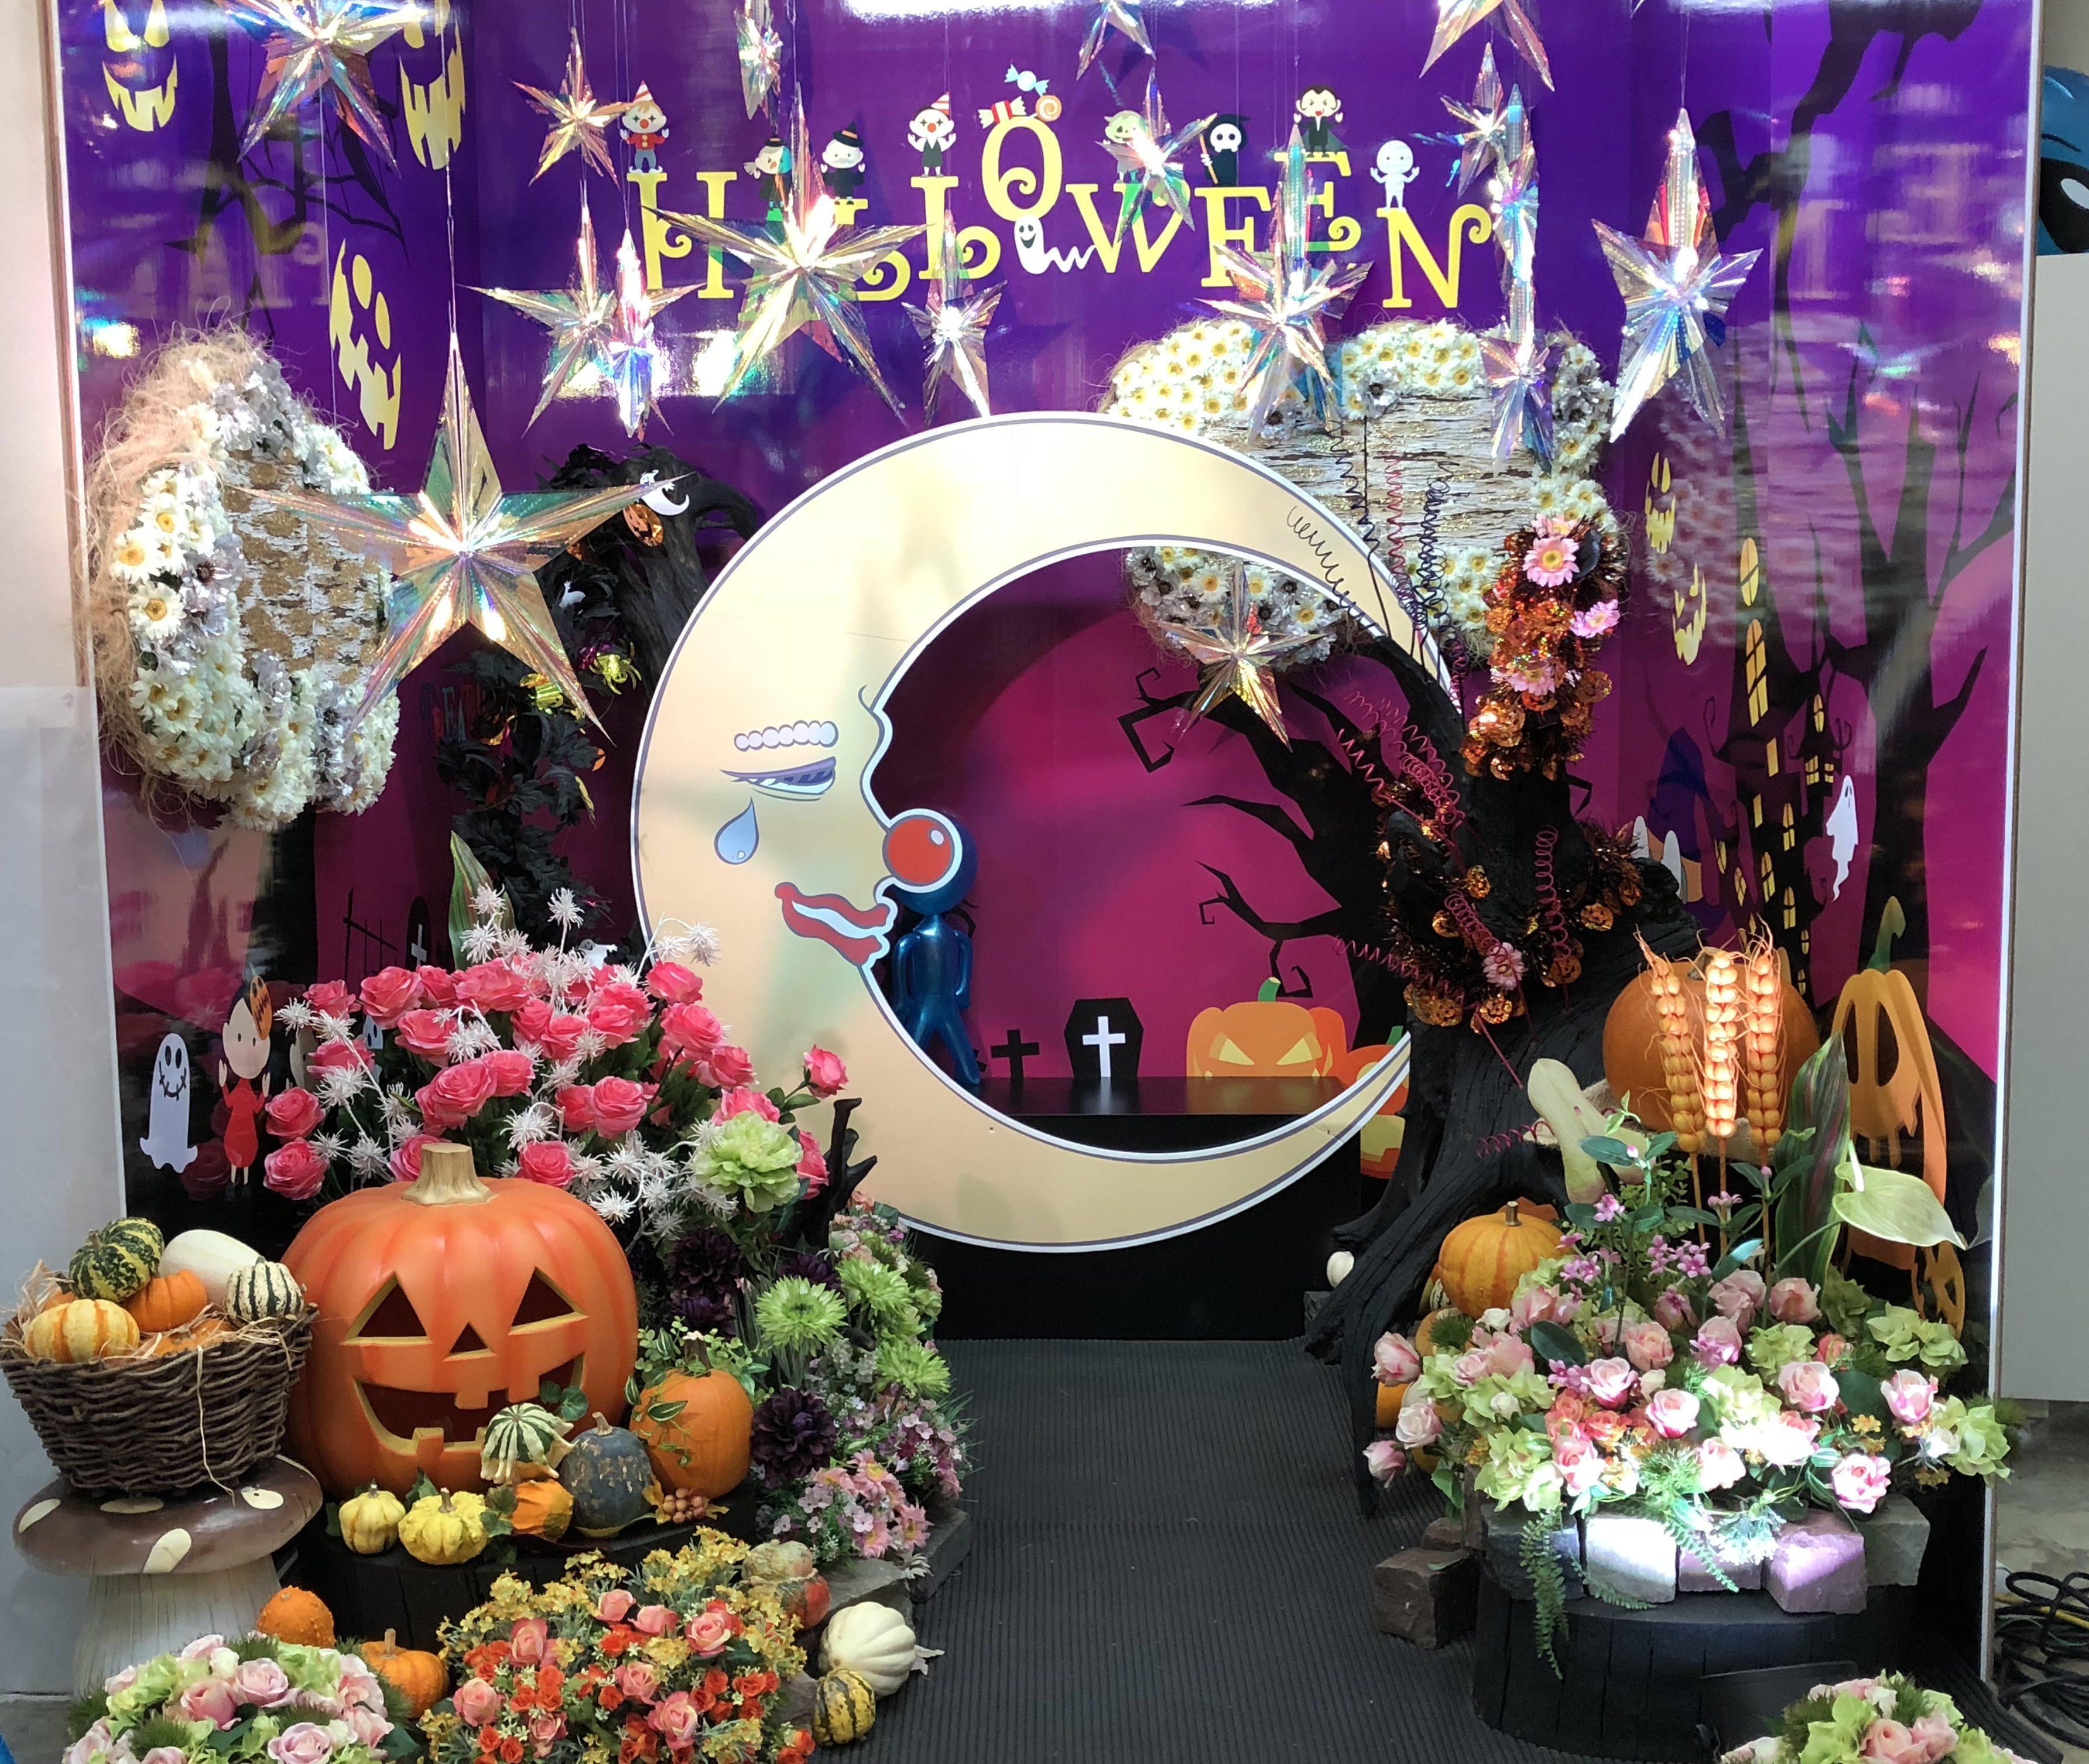 神戸の元町商店街で10/29「元町1番街ハロウィンパレード」が開催されるよ!特設フォトスタジオでインスタ映えする写真を撮ろう! #ハロウィン